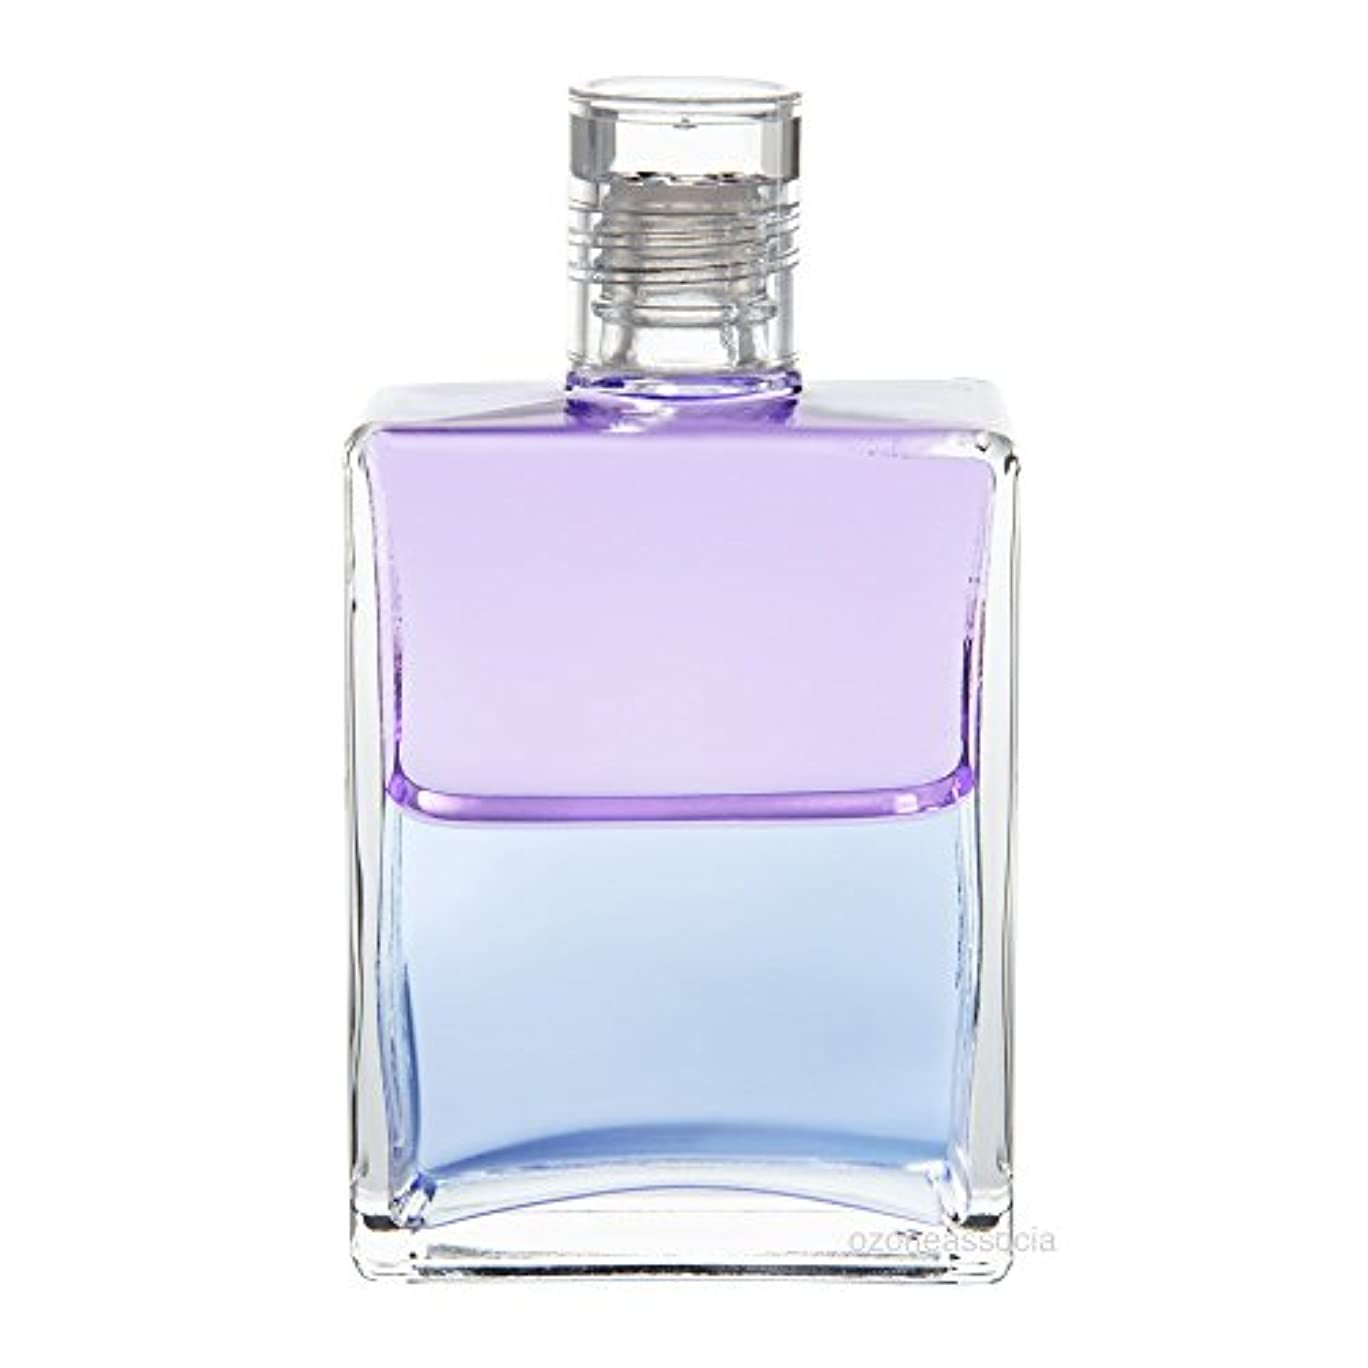 ジャニス海外全滅させるオーラソーマ ボトル 44番  守護天使 (ペールバイオレット/ペールブルー) イクイリブリアムボトル50ml Aurasoma